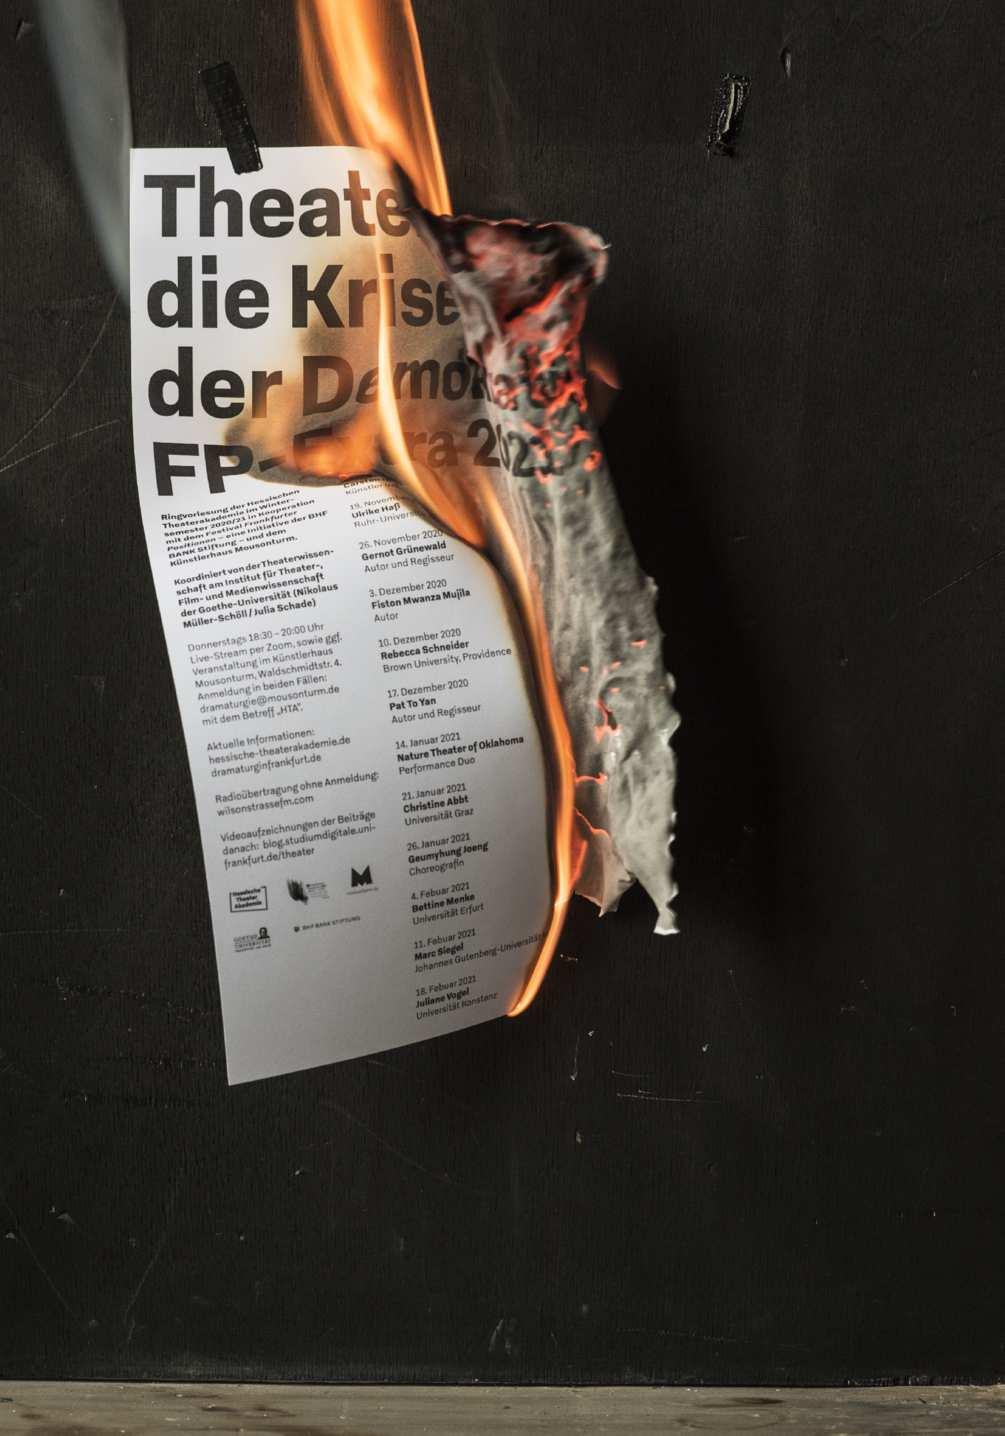 krise-der-demokratie-photo-08-1005x1436px